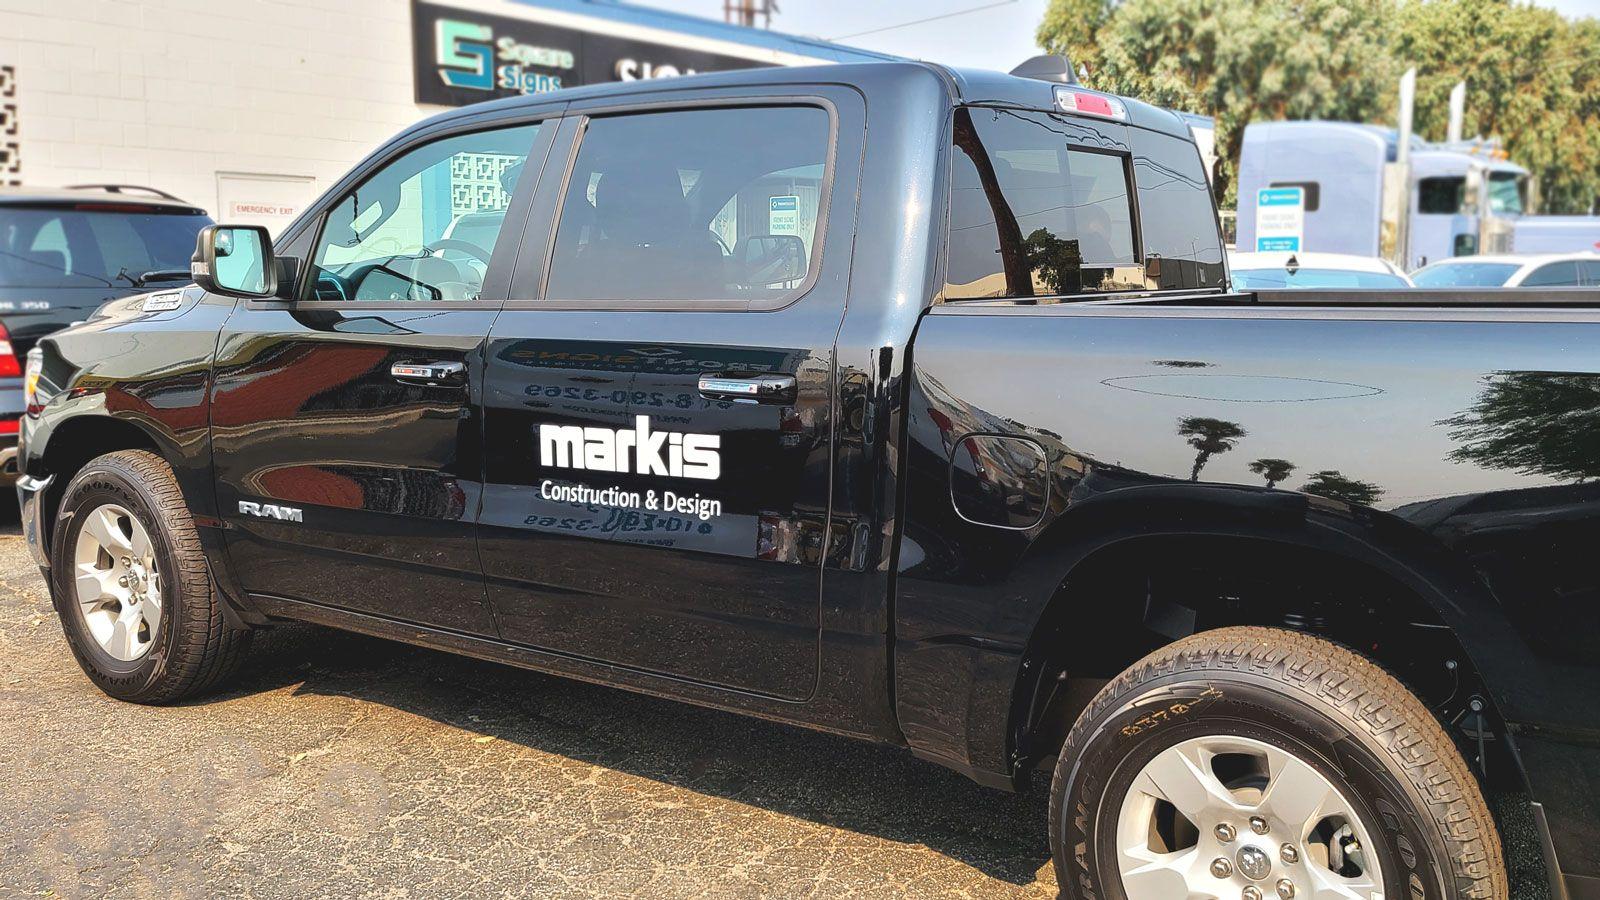 Markis car lettering